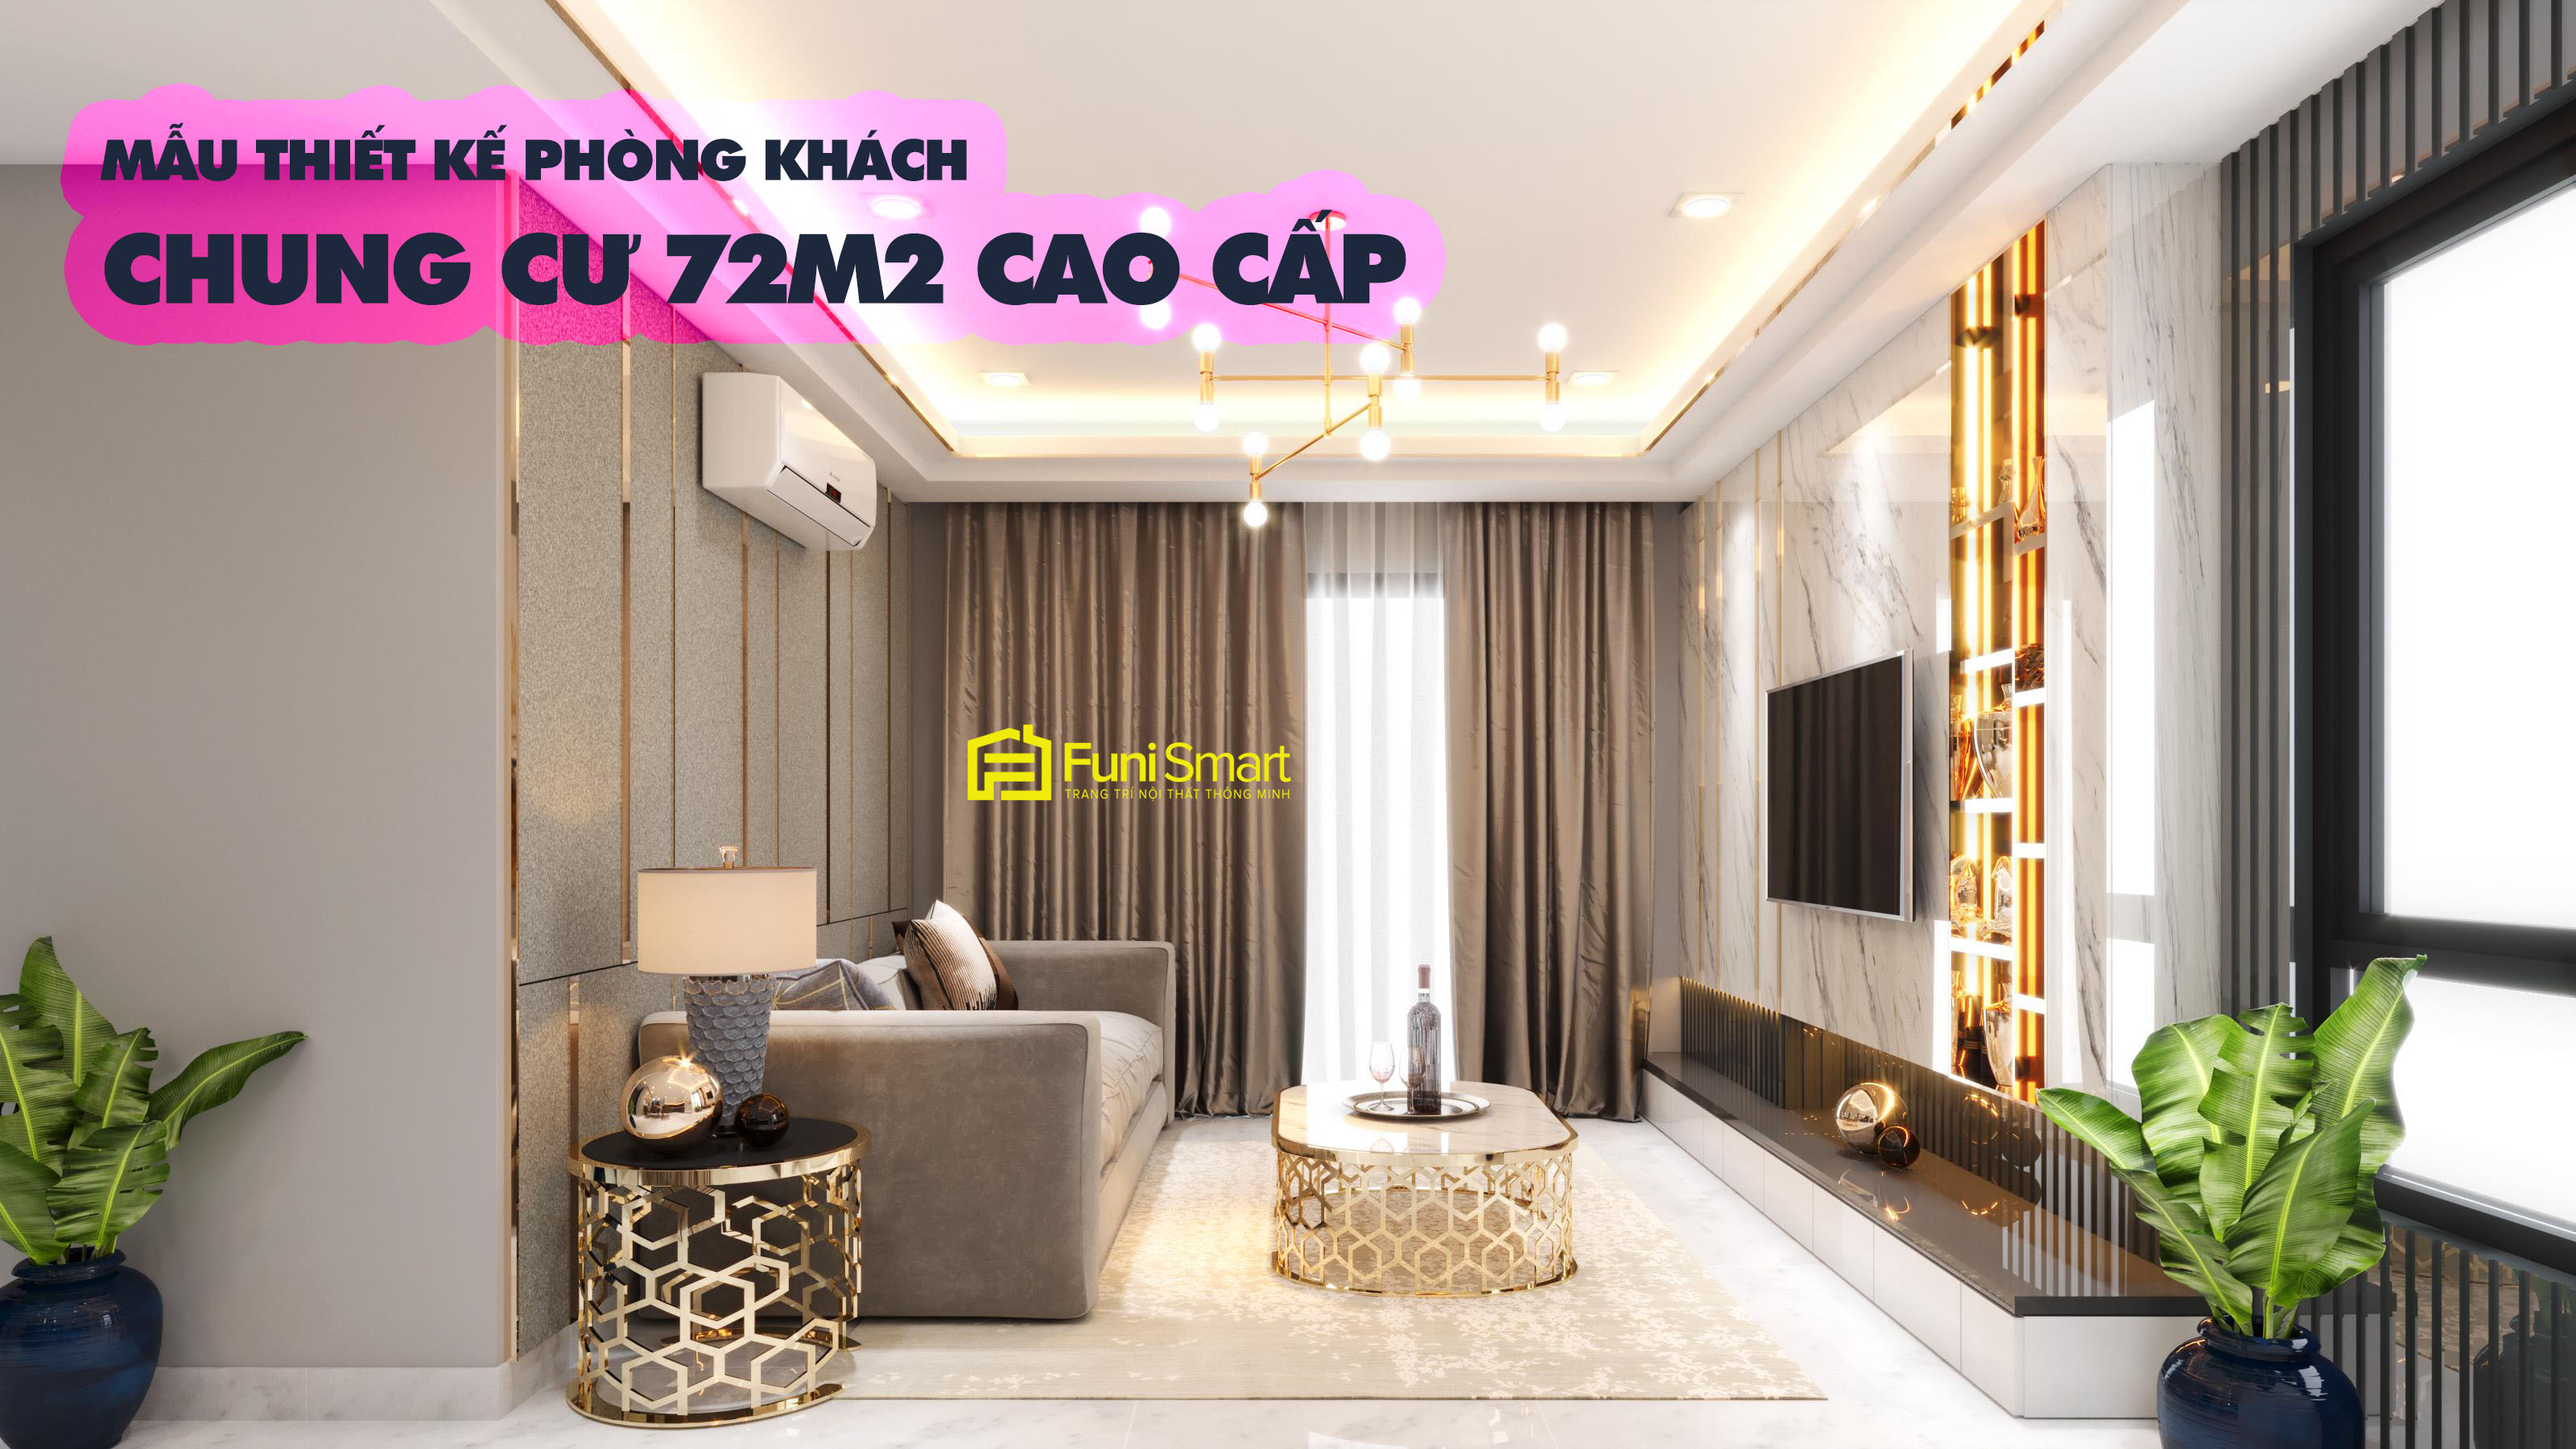 Thiết kế phòng khách chung cư 70m2 cao cấp chuyên nghiệp